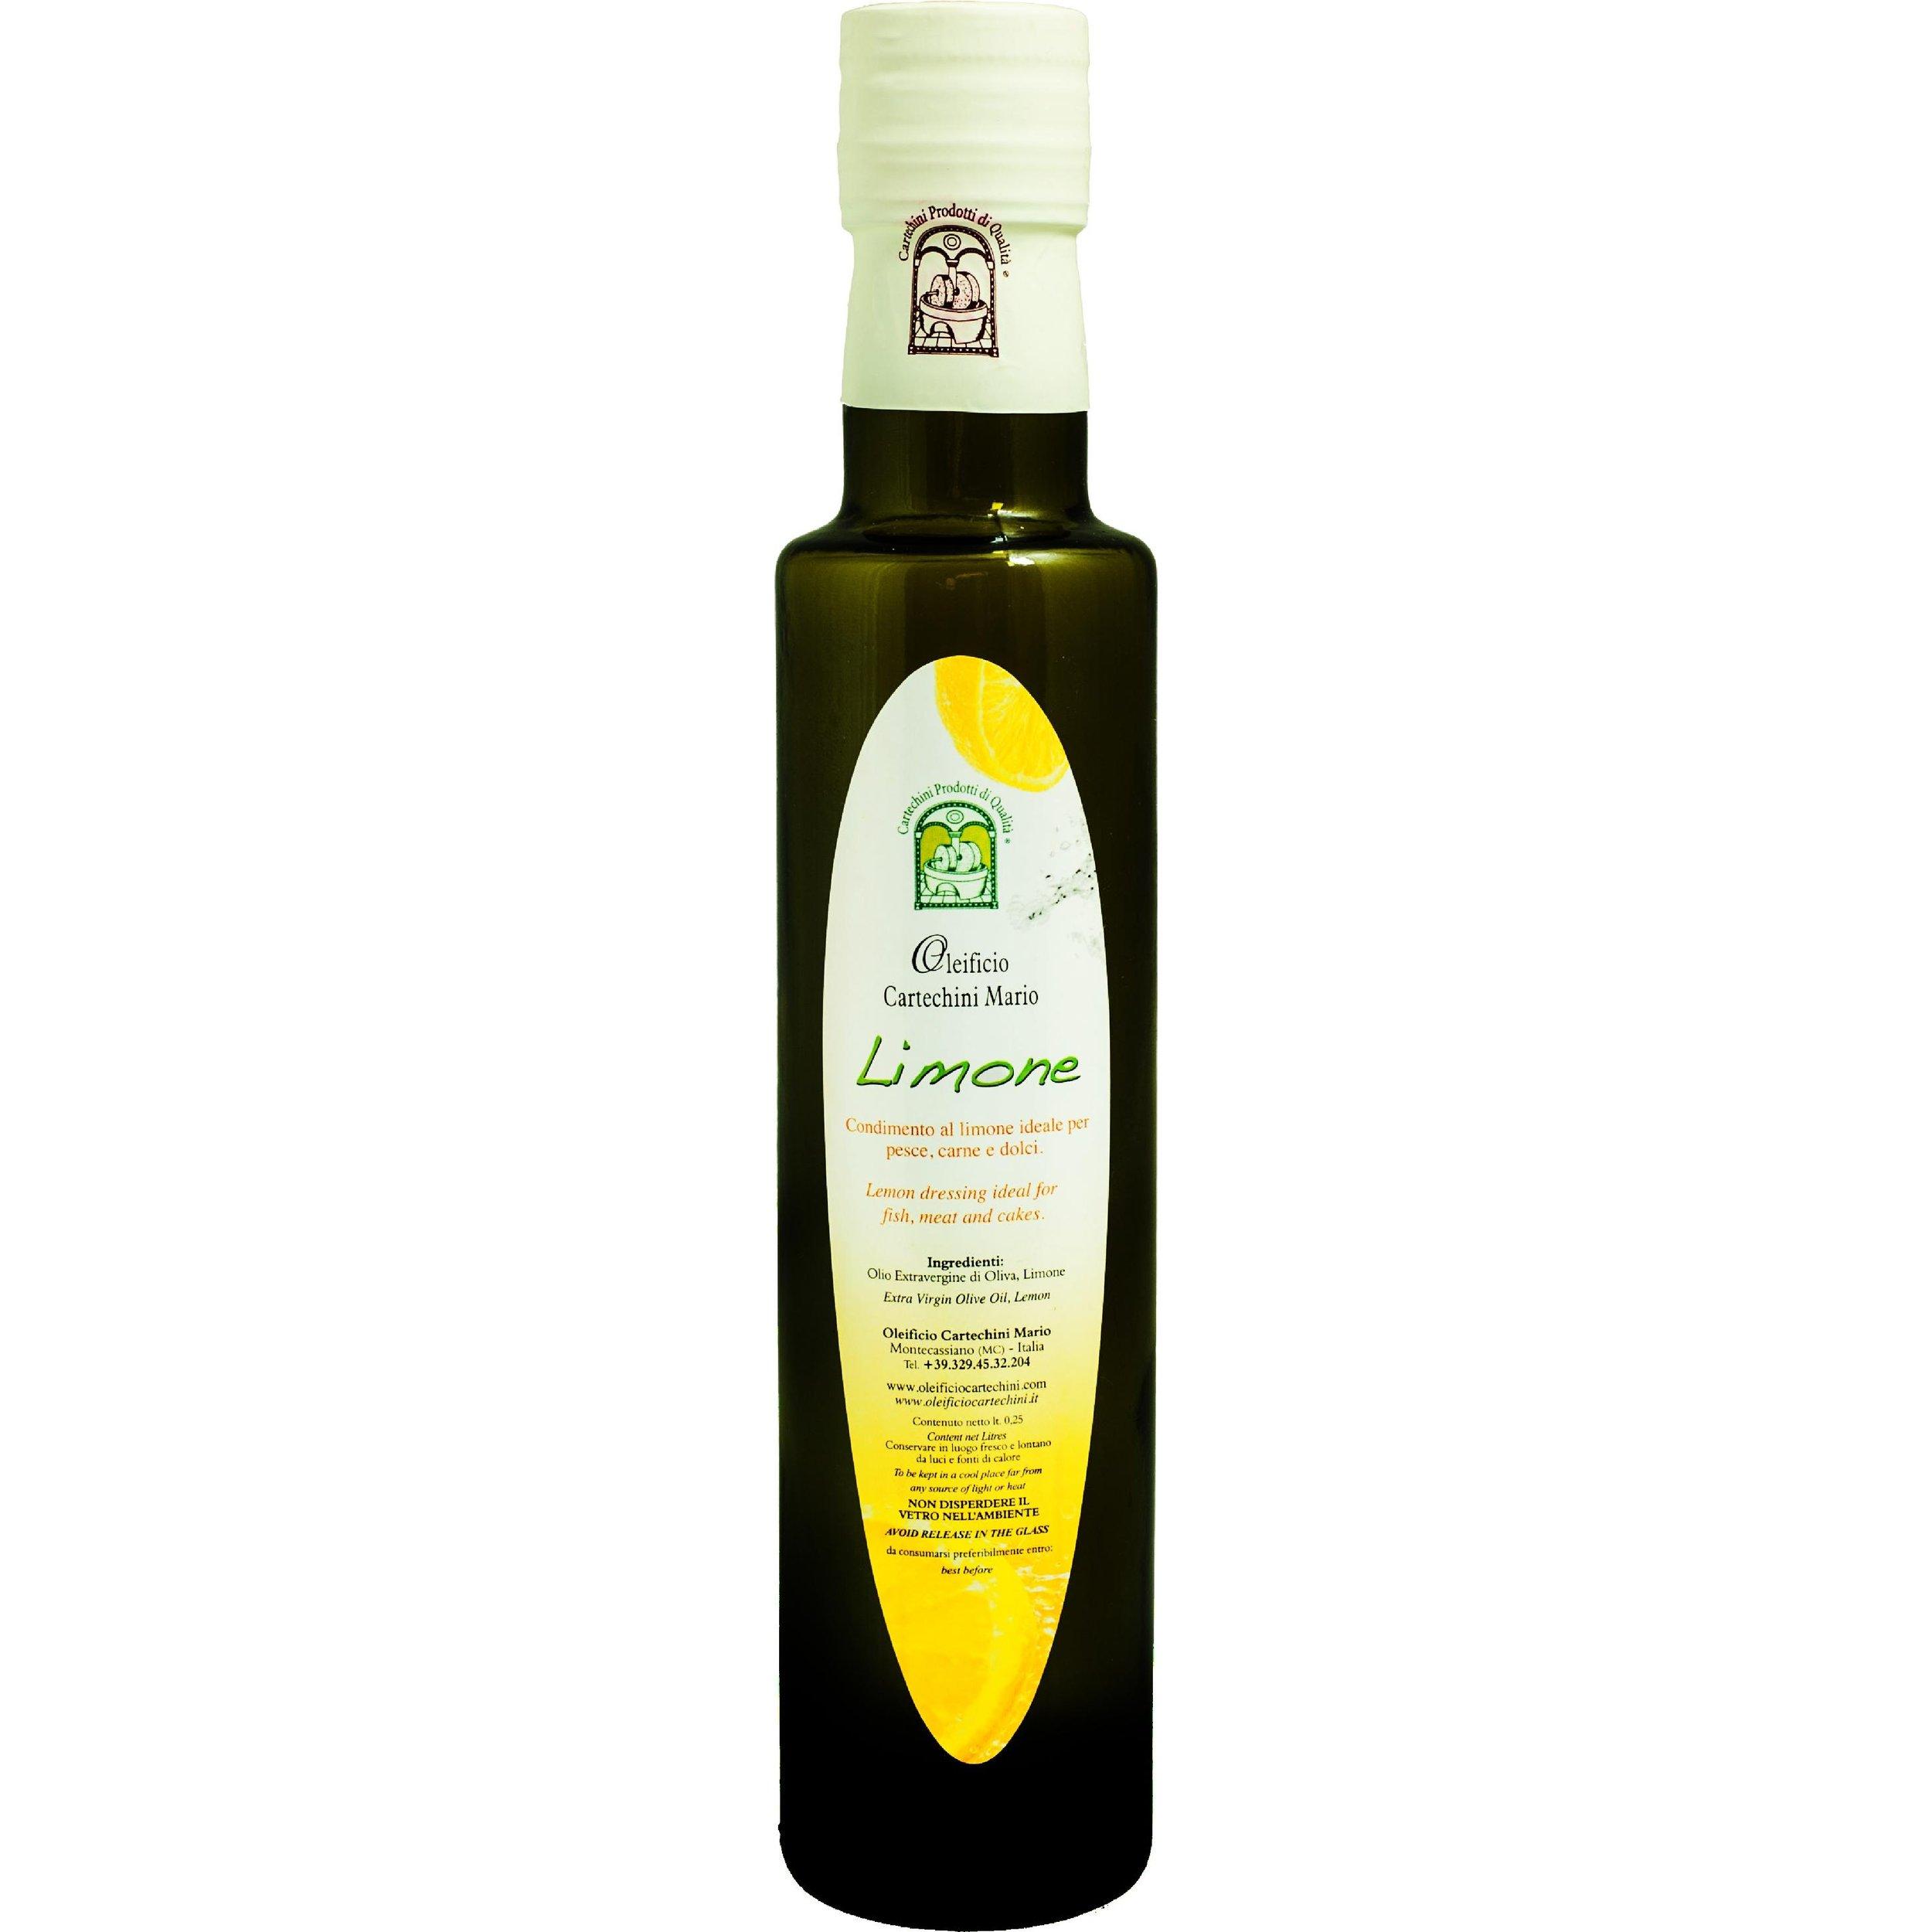 OLIO EVO AROMATIZZATO AL LIMONE - Per aromatizzare in maniera naturale, salutare e originale i tuoi piatti, scopri lo sfizioso Olio Extravergine d'Oliva aromatizzato al Limone.Nessun aroma chimico, SOLO AROMI NATURALI E FRUTTA BIO spremuti meccanicamente a freddo insieme alle olive, per un pieno di salute e sapore. I limoni provengono da coltivazioni biologiche della Sicilia.CARATTERISTICHE DEL PRODOTTOPeriodo di raccolta: da Fine NovembreMetodo di Lavorazione: Estrazione meccanica di olive insieme a Limoni (di sicilia non trattati) senza processi di raffinazioneConservazione: In serbatoi a Temperatura controllata tra 15°C e 18°CCultivar: Bland di Frantoio, Orbetana, Mignola, Raggia, CoroncinaAspetto: colore Verde chiaro tendente al giallo paglierinoFruttato: Medio-LeggeroGusto: di Limone, pratico, fresco e delicato